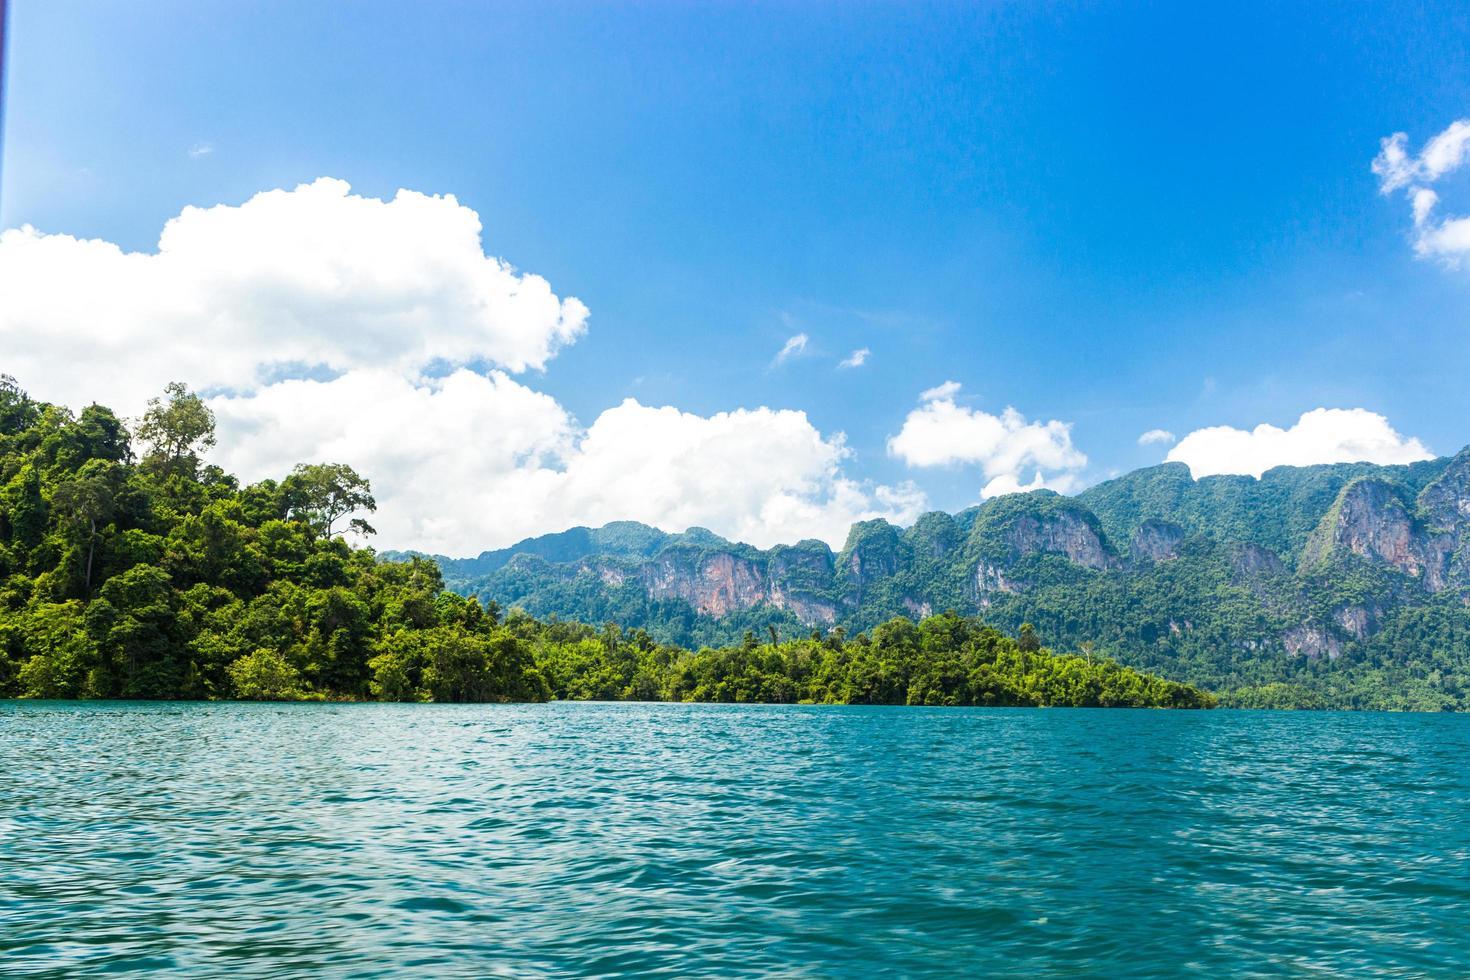 montagnes et eau avec ciel bleu nuageux photo